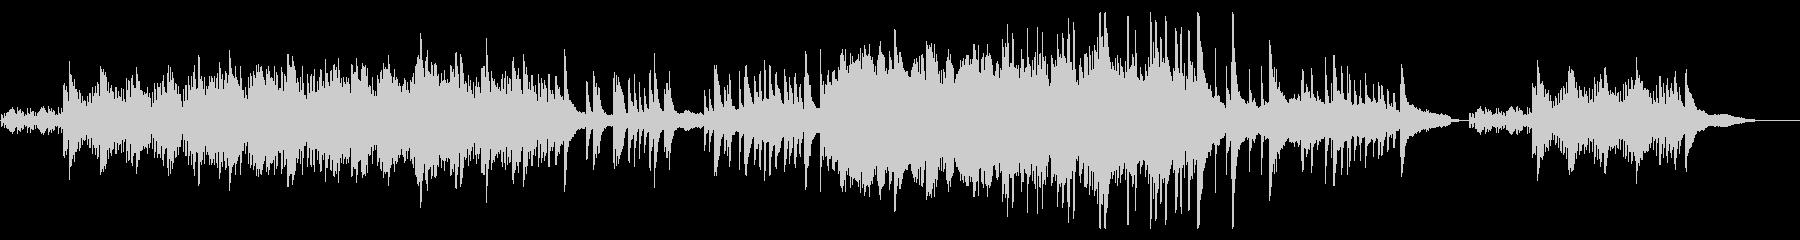 不思議・神秘系フィールド曲(ループ)の未再生の波形